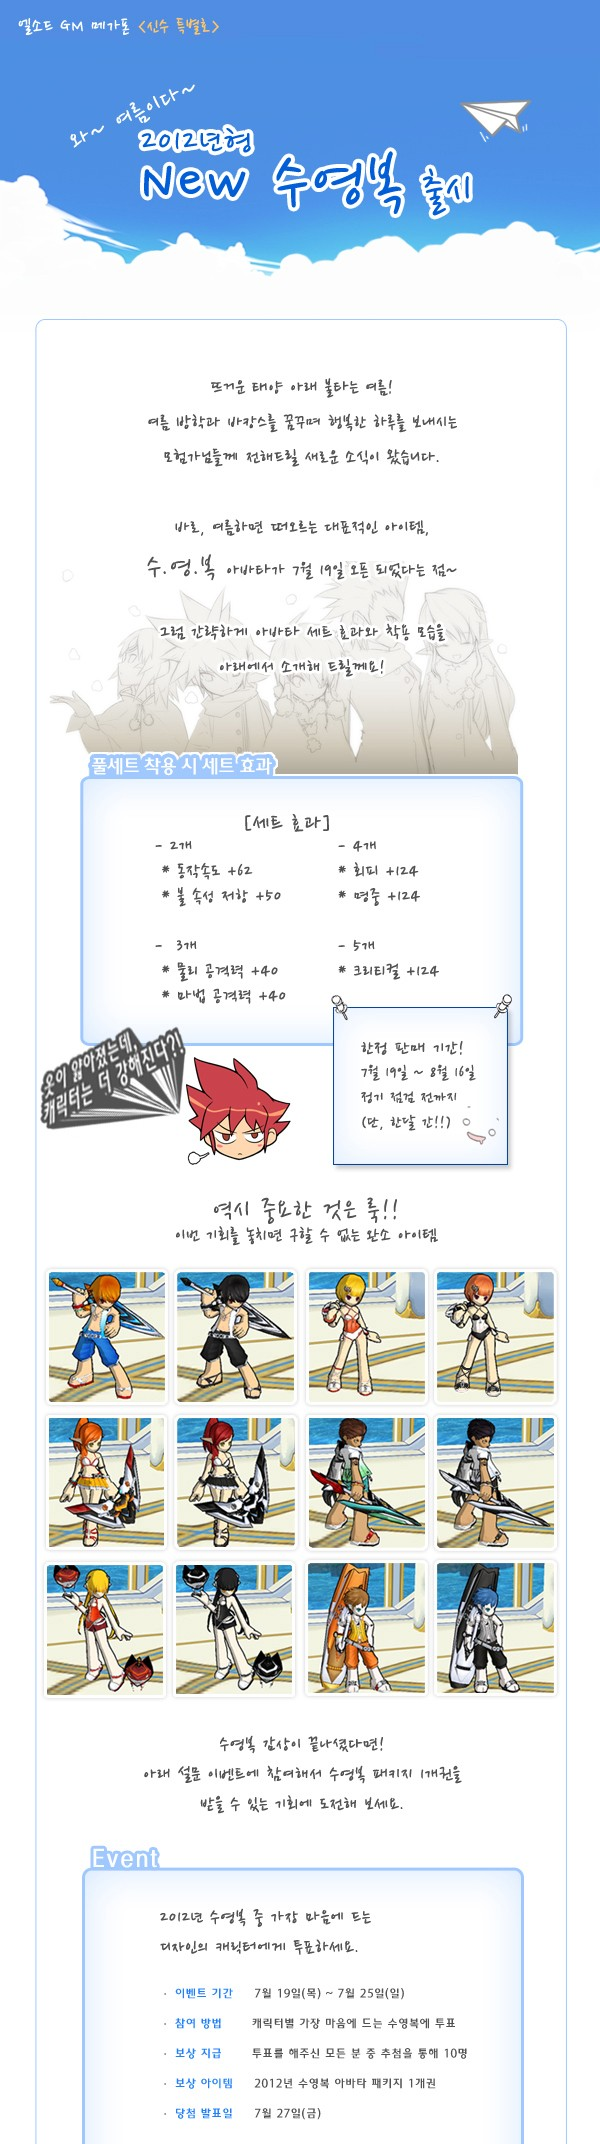 엘소드 GM 메가폰 특별호 2012년형 수영복 출시 내용